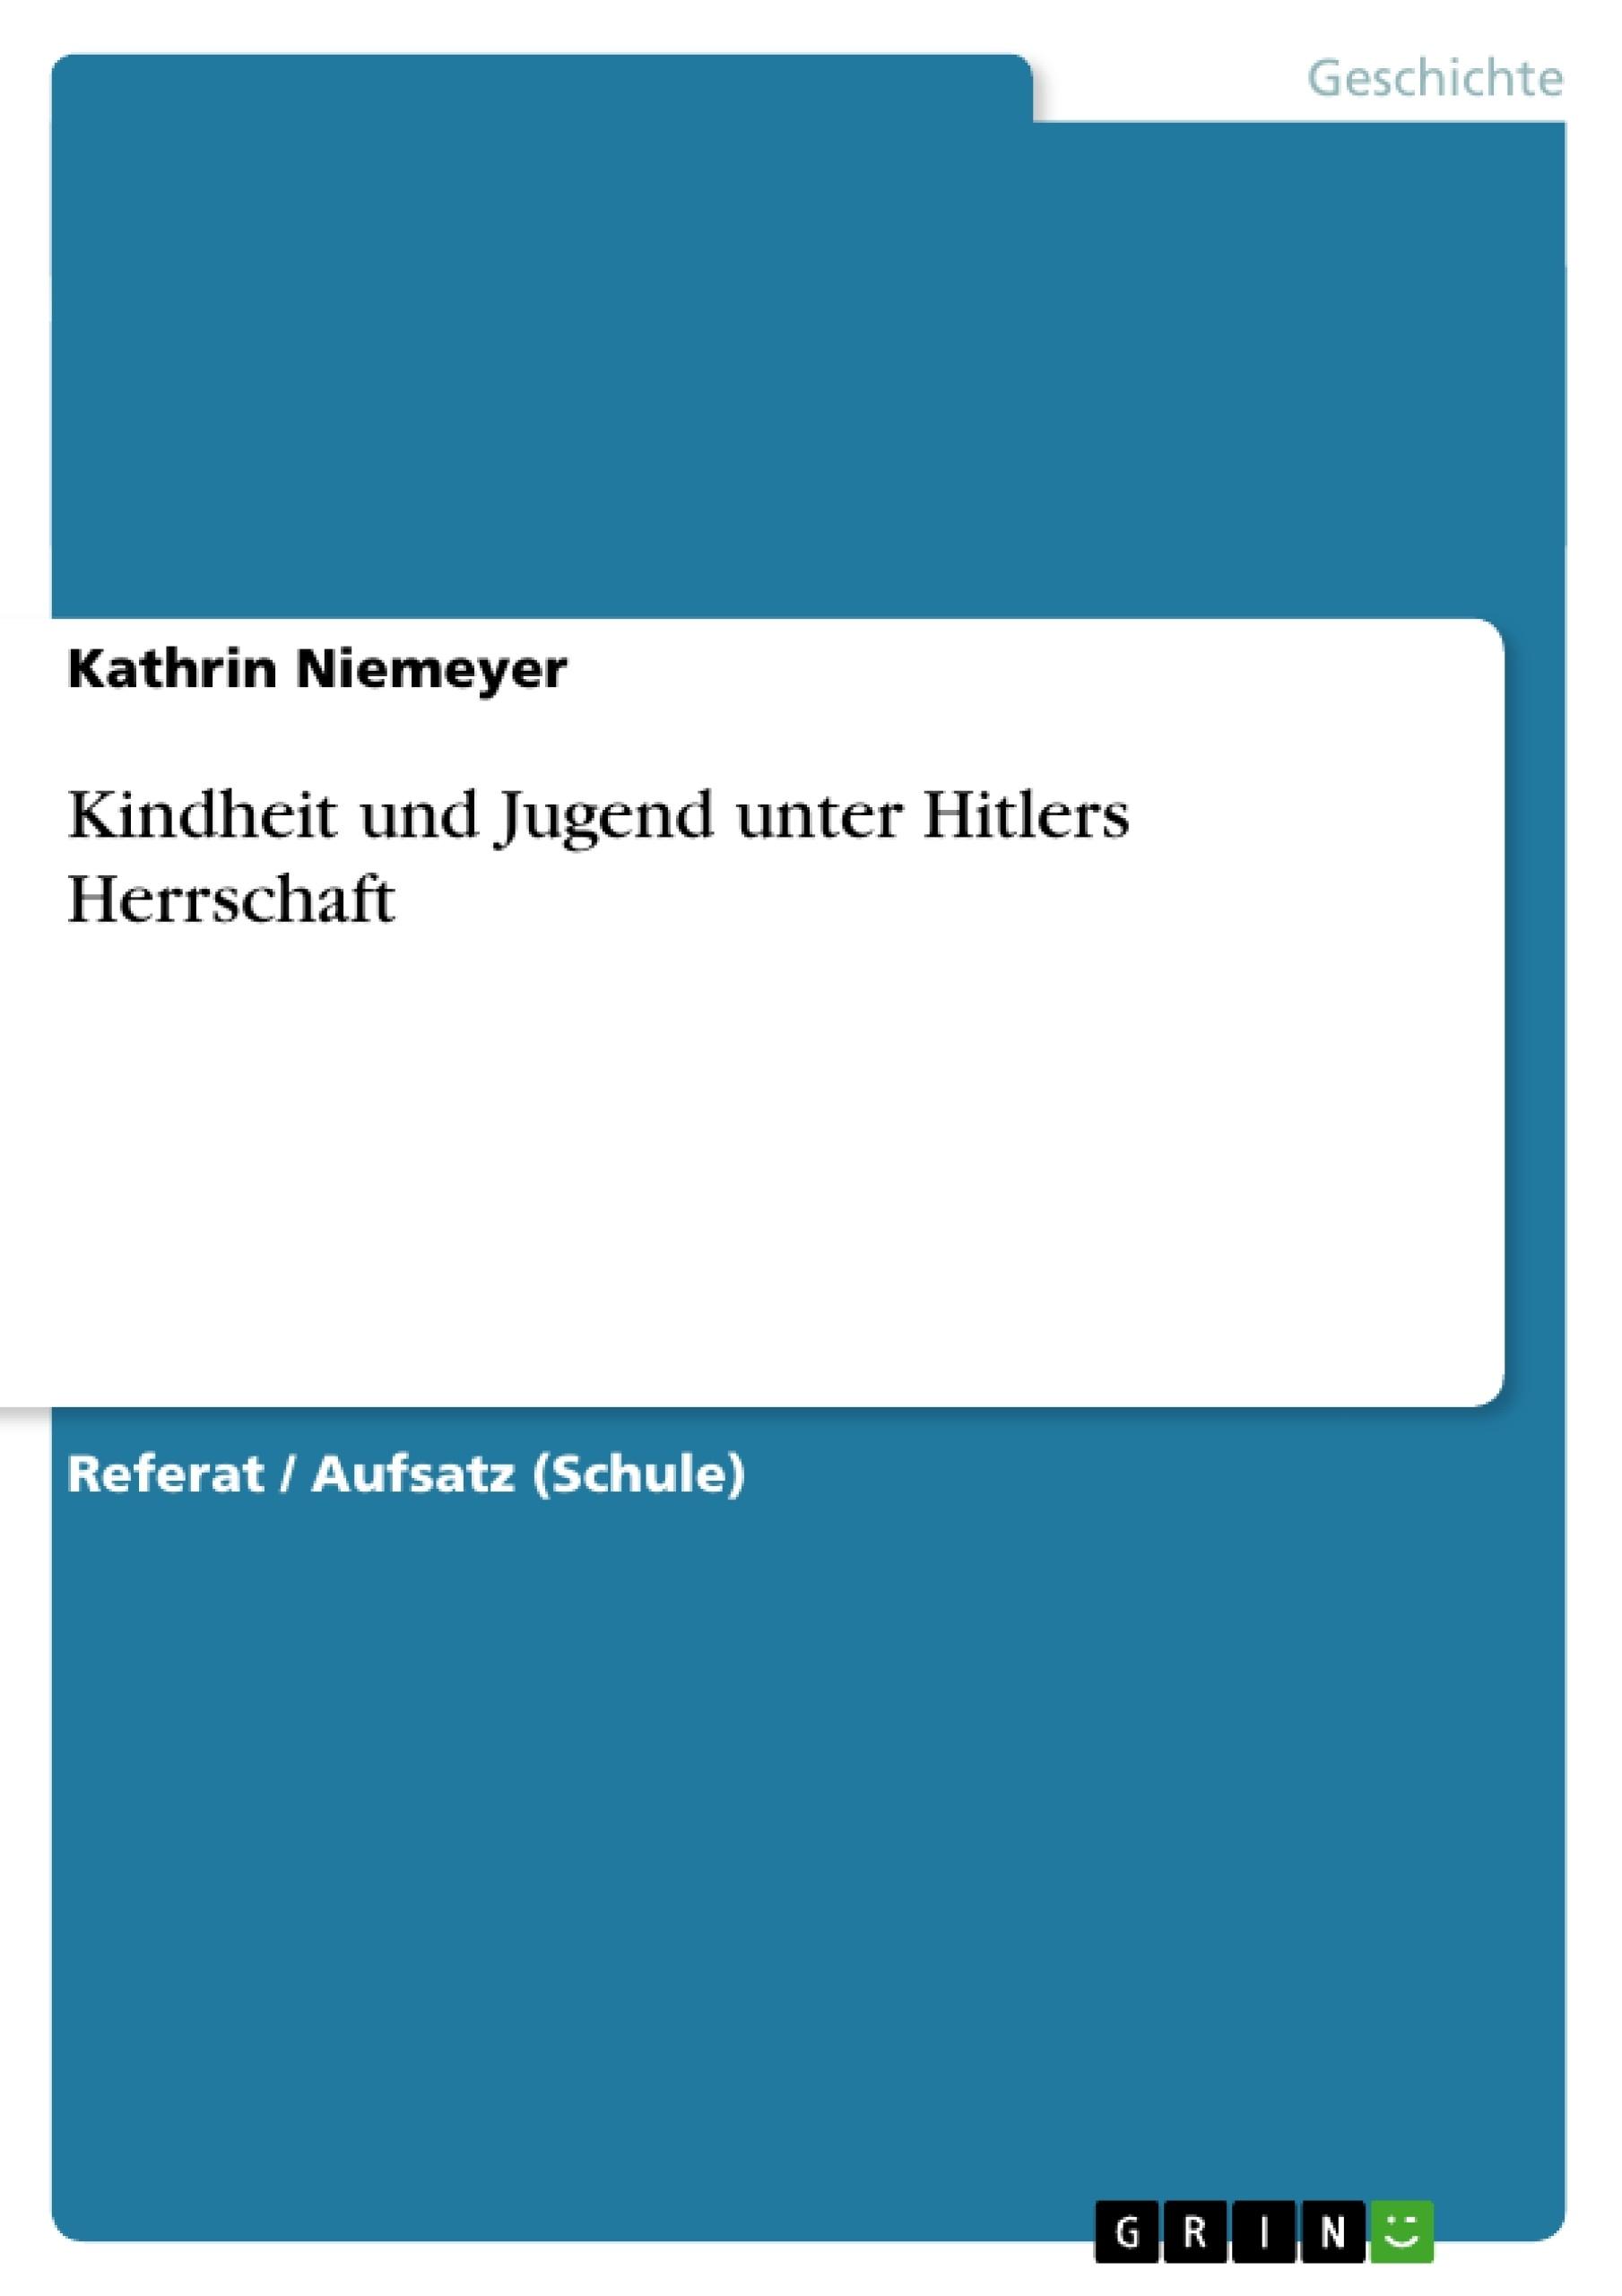 Titel: Kindheit und Jugend unter Hitlers Herrschaft